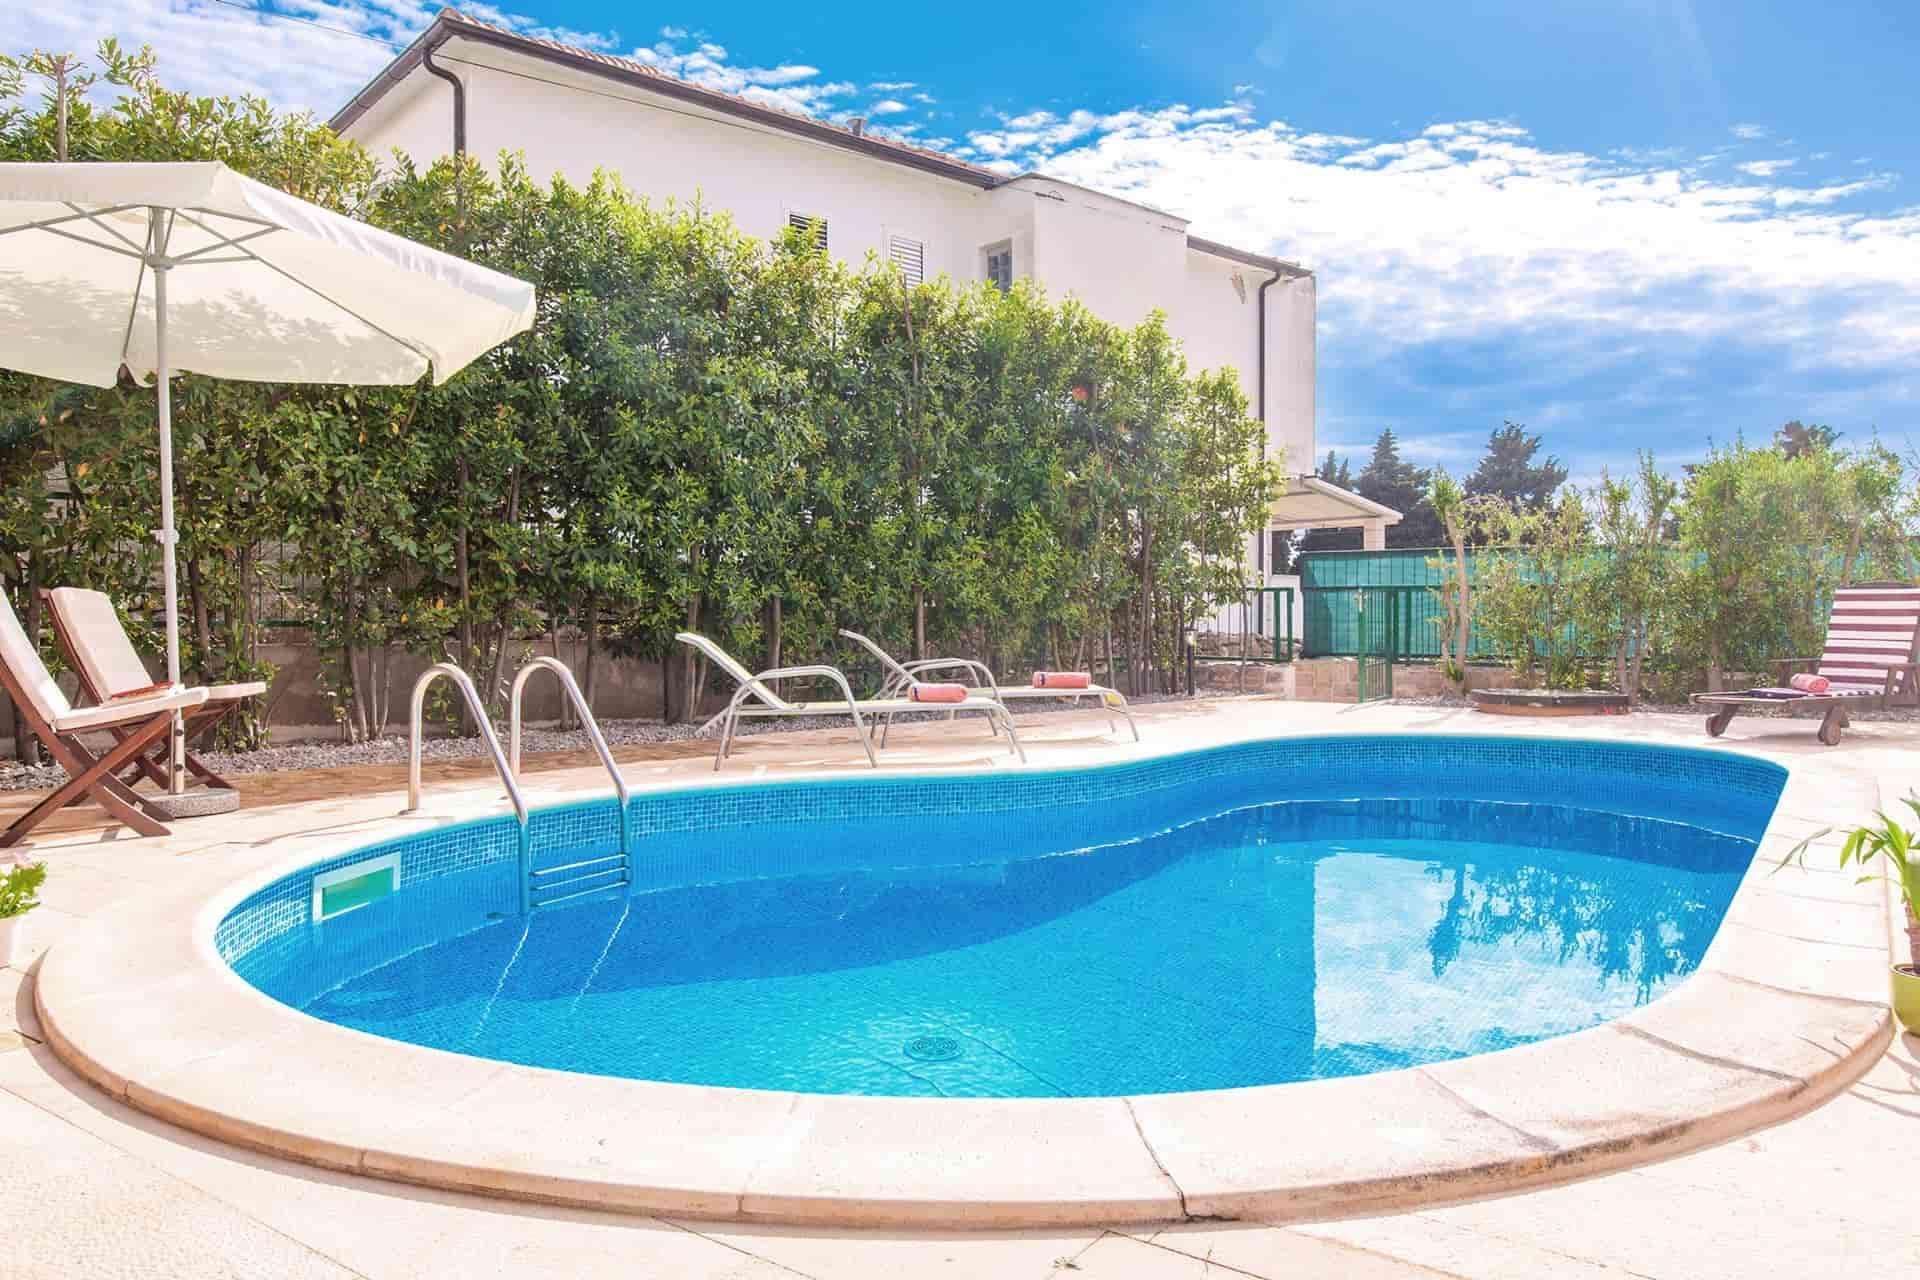 Romantische Villa mit Pool, 100 m vom schönen Strand entfernt